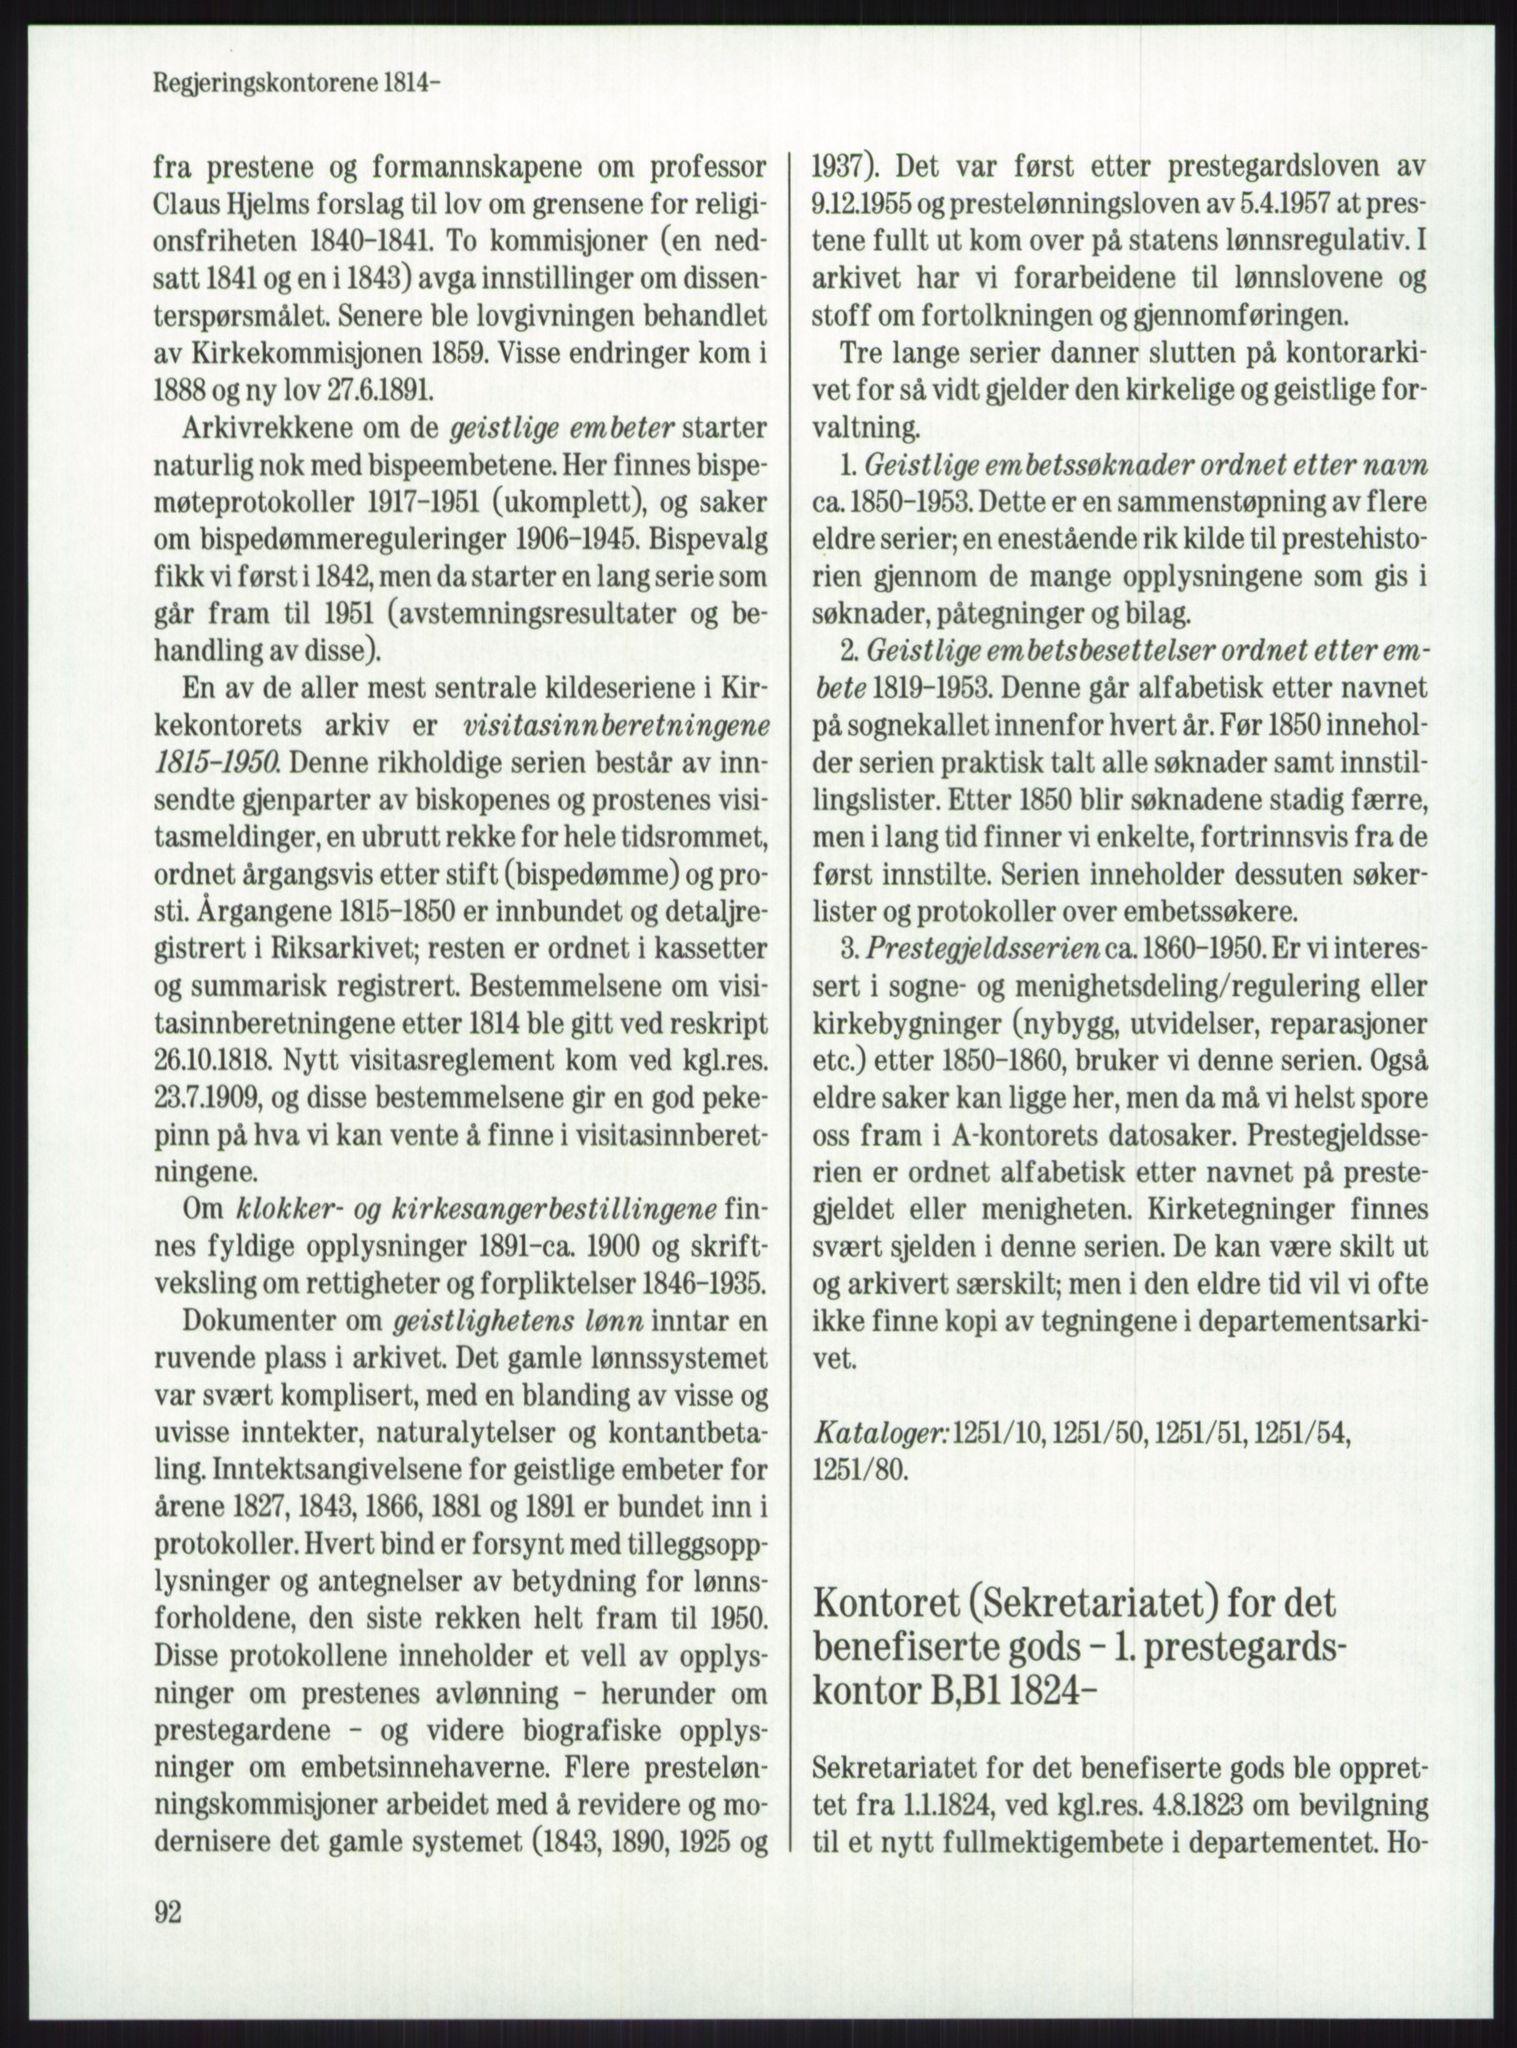 PUBL, Publikasjoner utgitt av Arkivverket, -/-: Knut Johannessen, Ole Kolsrud og Dag Mangset (red.): Håndbok for Riksarkivet (1992), 1992, p. 92